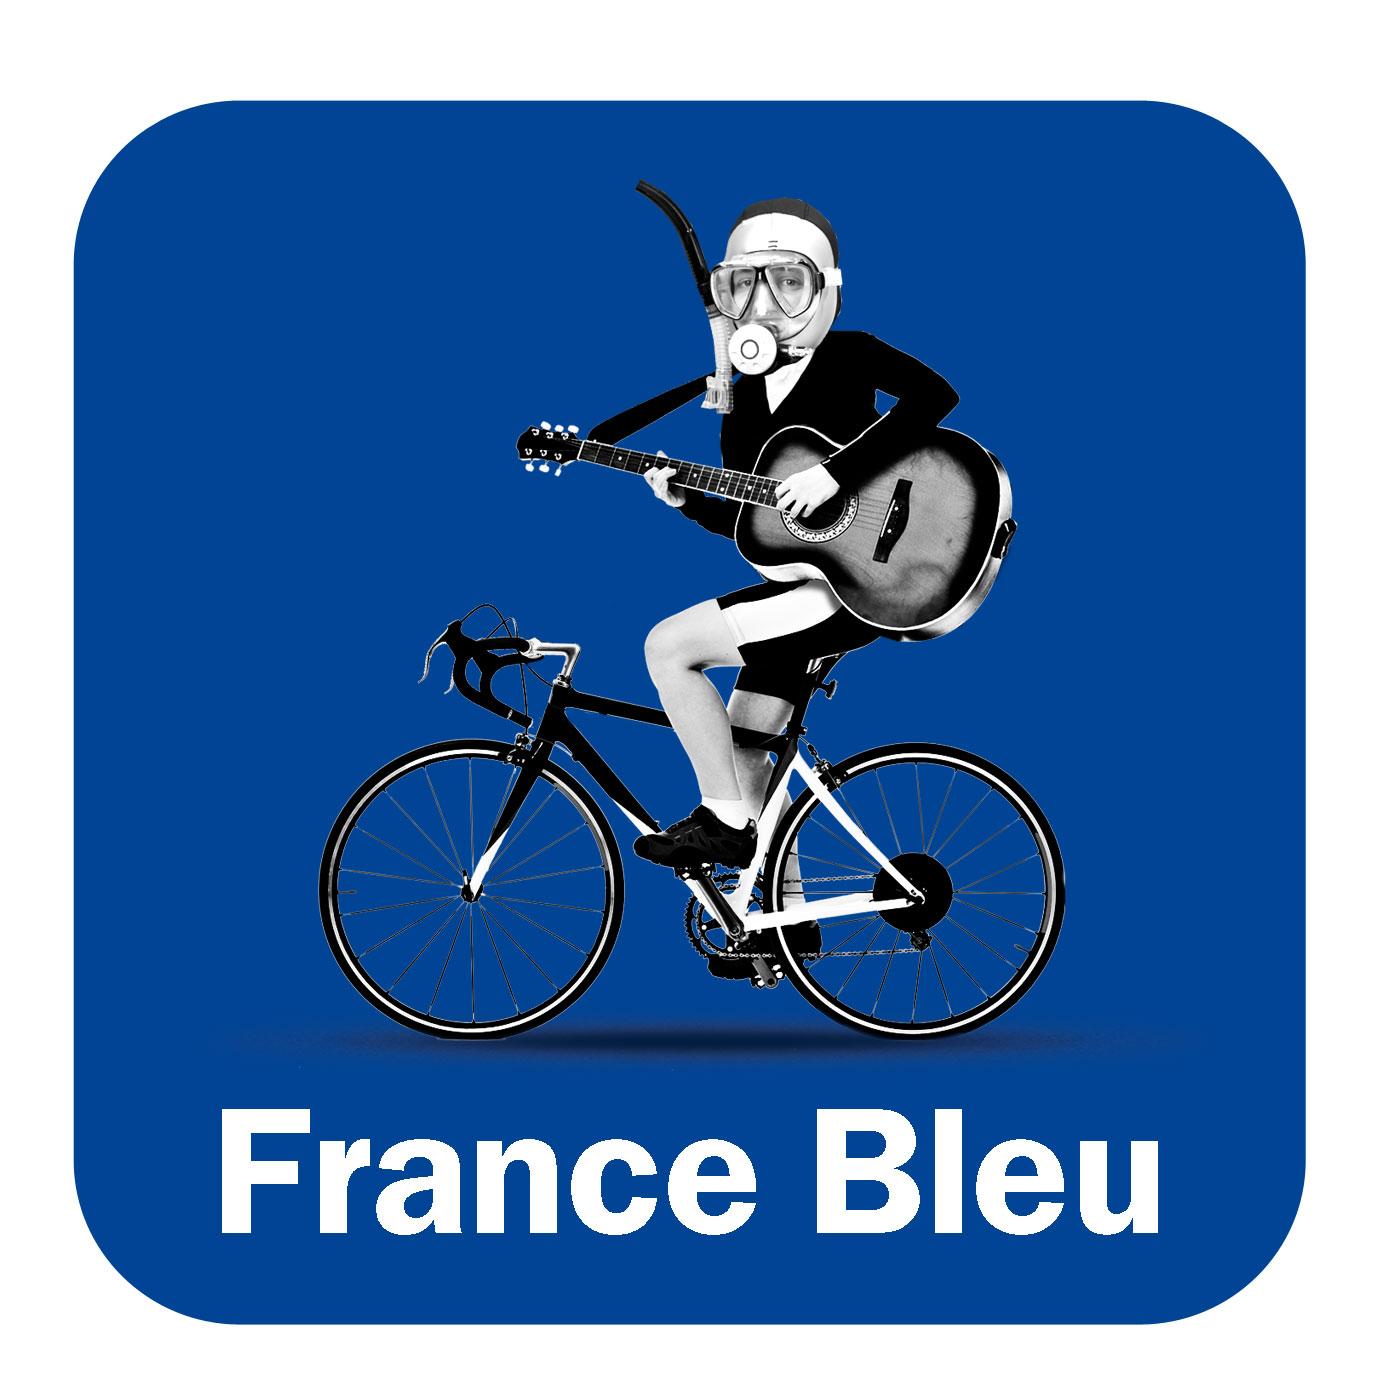 Les courses hippiques France Bleu Vaucluse